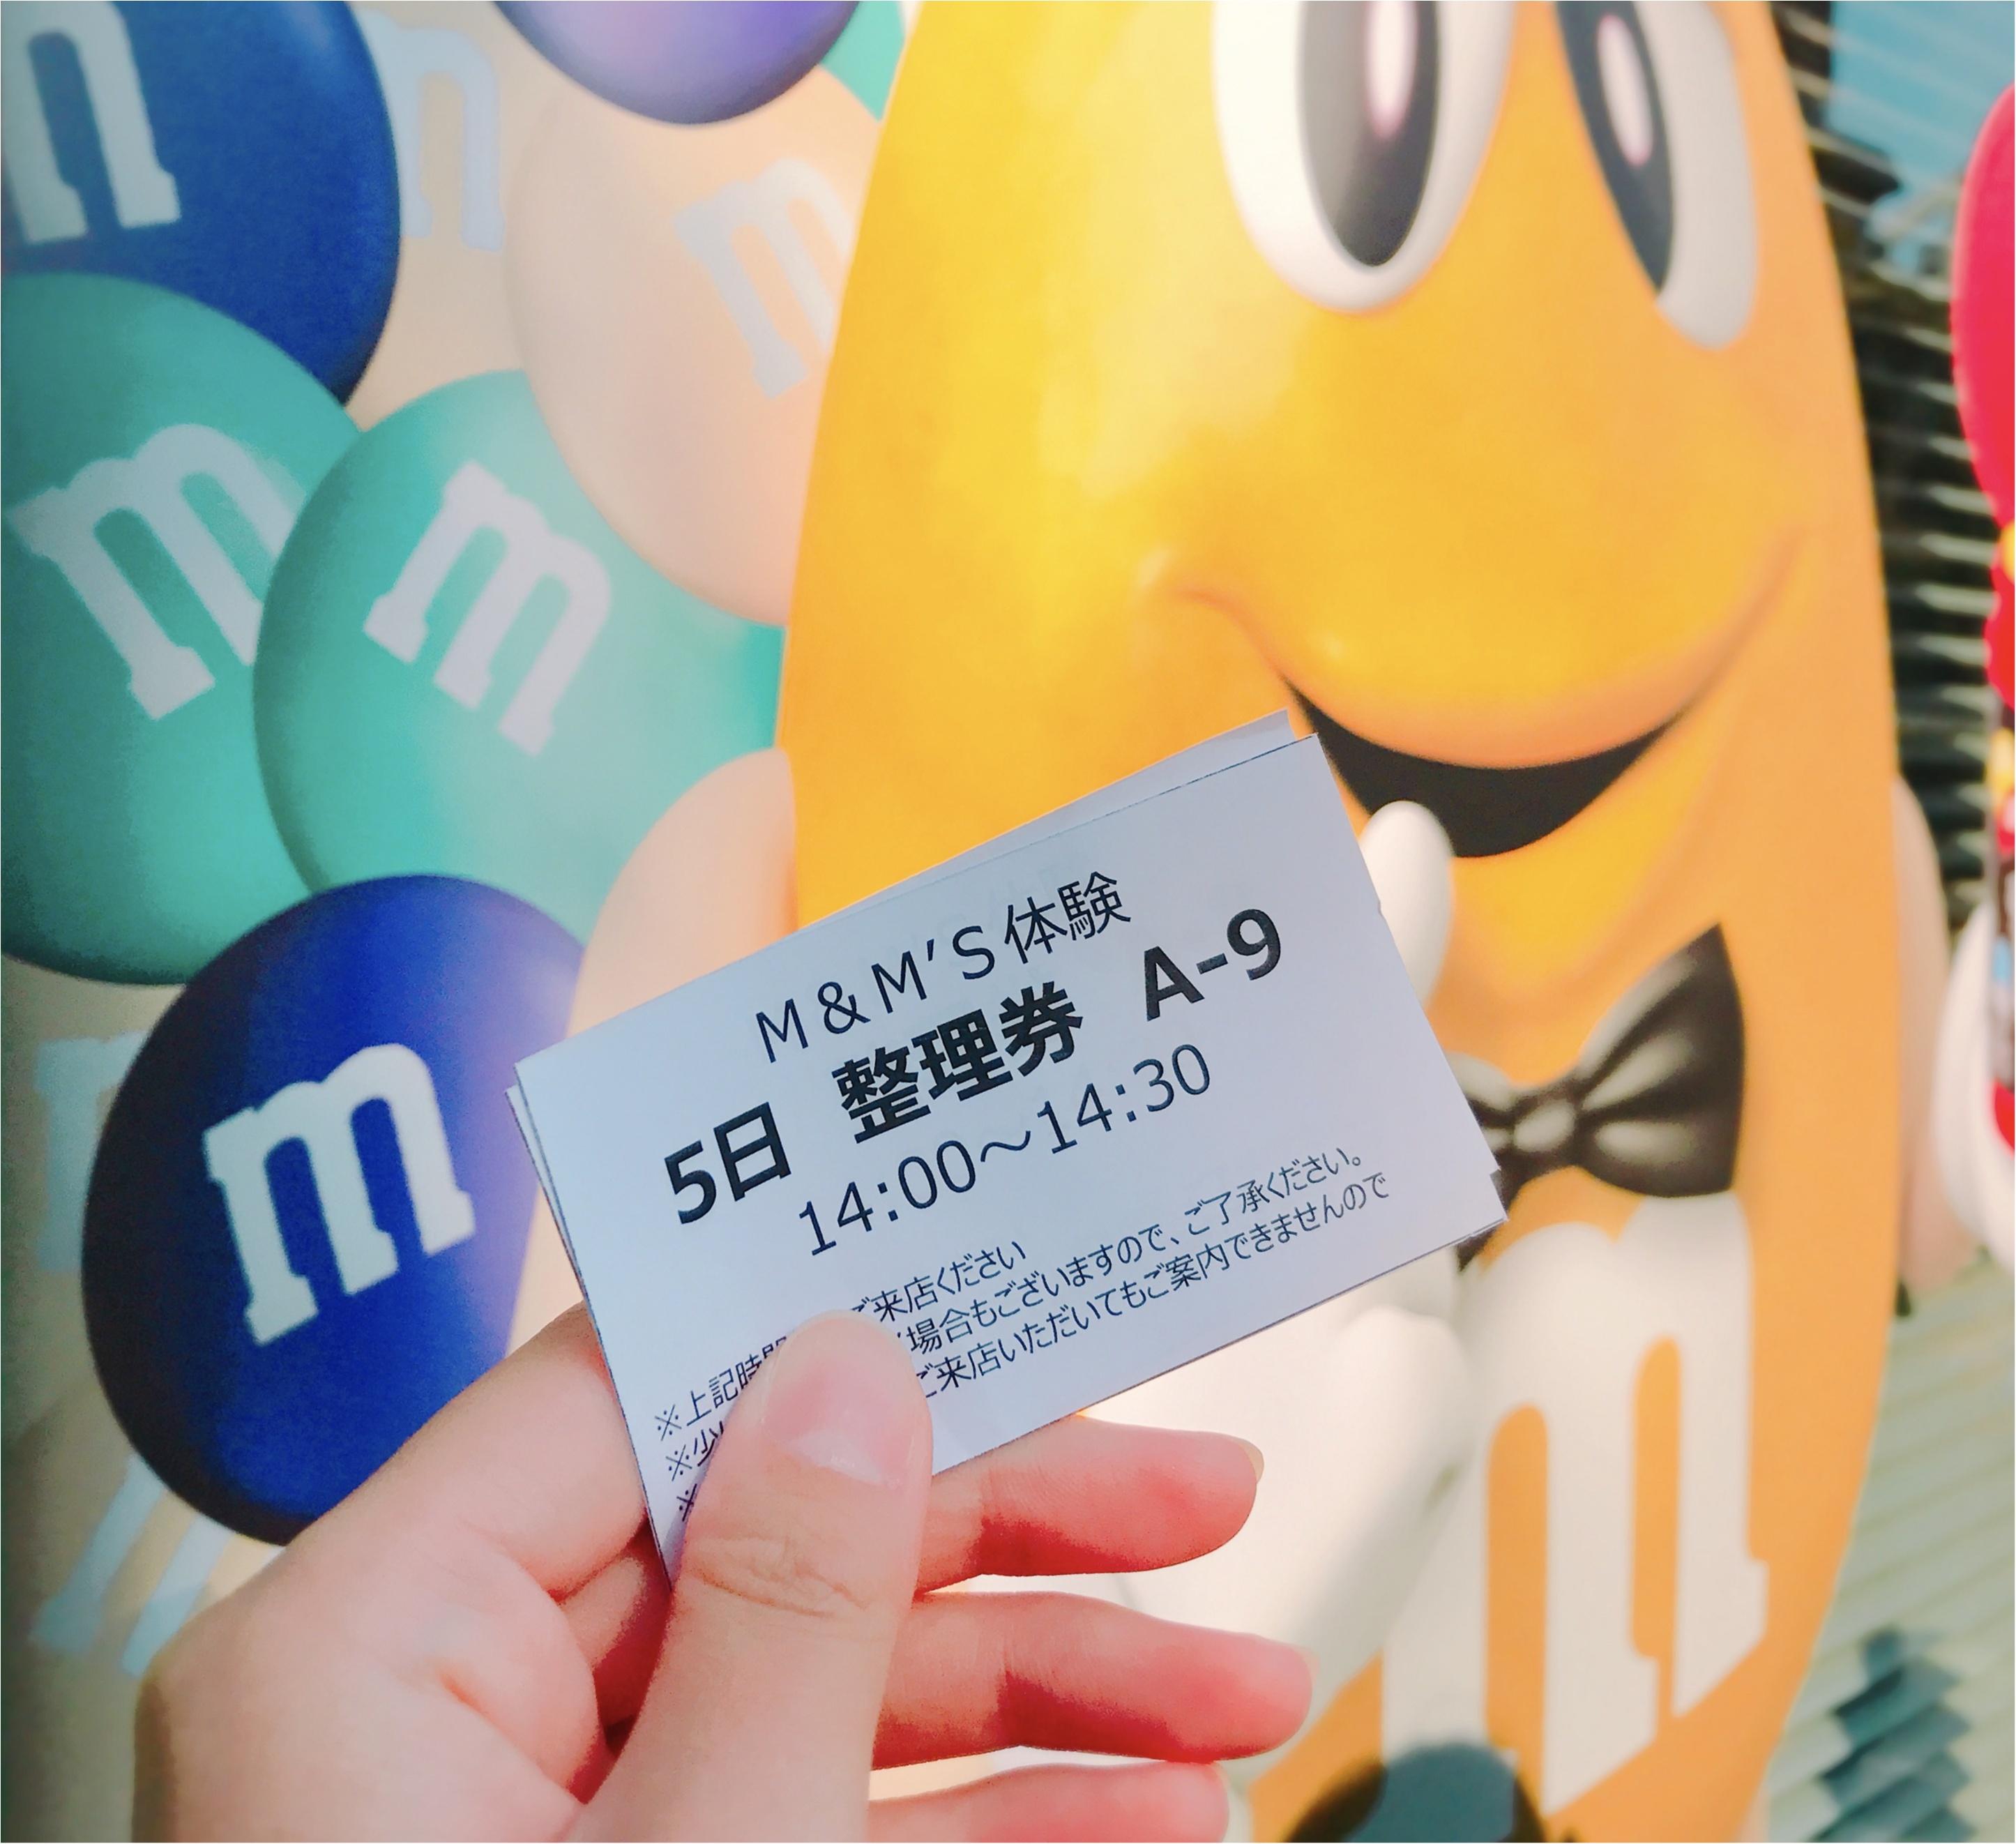 《期間限定》原宿にNY発カラフルパフェ登場✨日本初上陸のM&M'Sマイボトルチョコを作っちゃおう♪_11